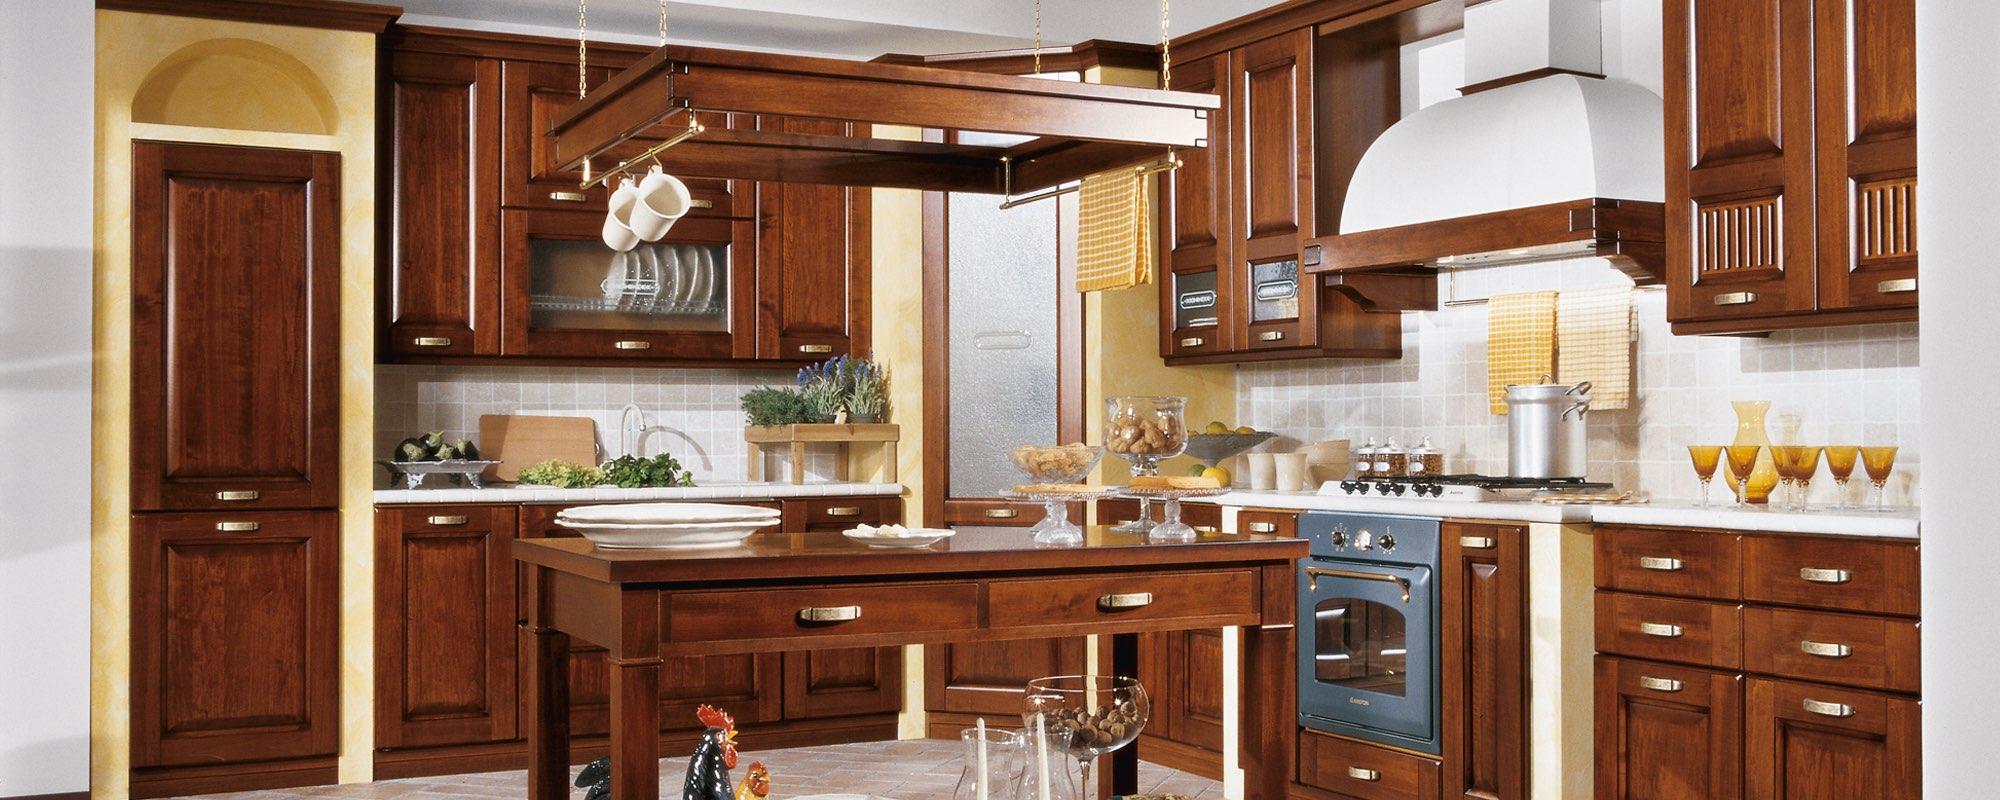 vista frontale di una cucina classica componibili stosa con tavolo apparecchiati -Malaga